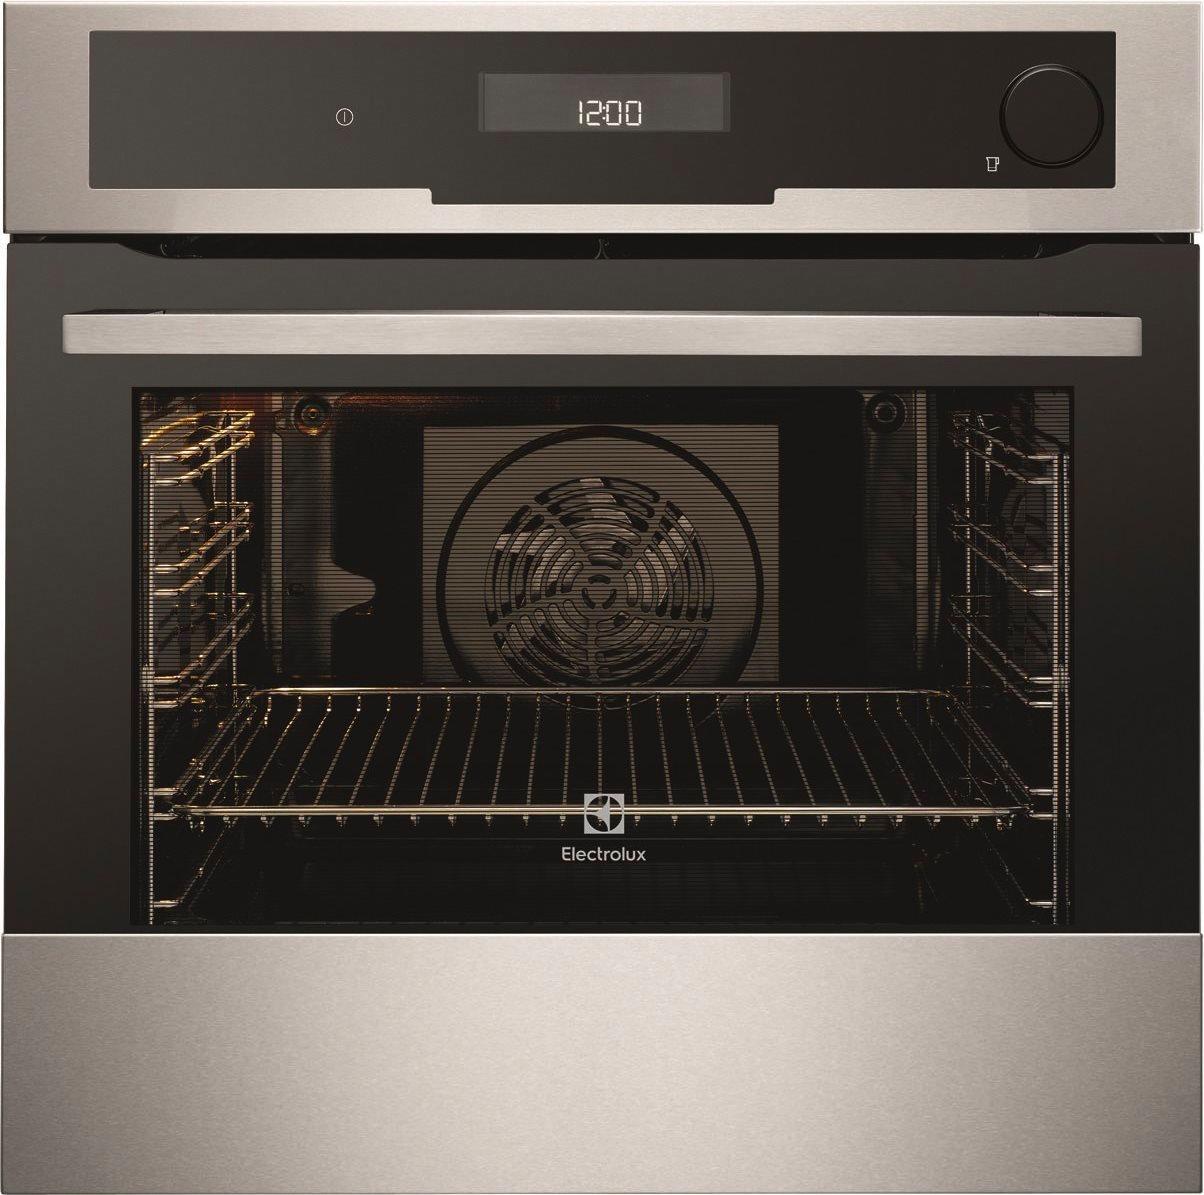 Electrolux forno elettrico da incasso ventilato multifunzione con grill capacit 72 litri classe - Forno con microonde integrato ...